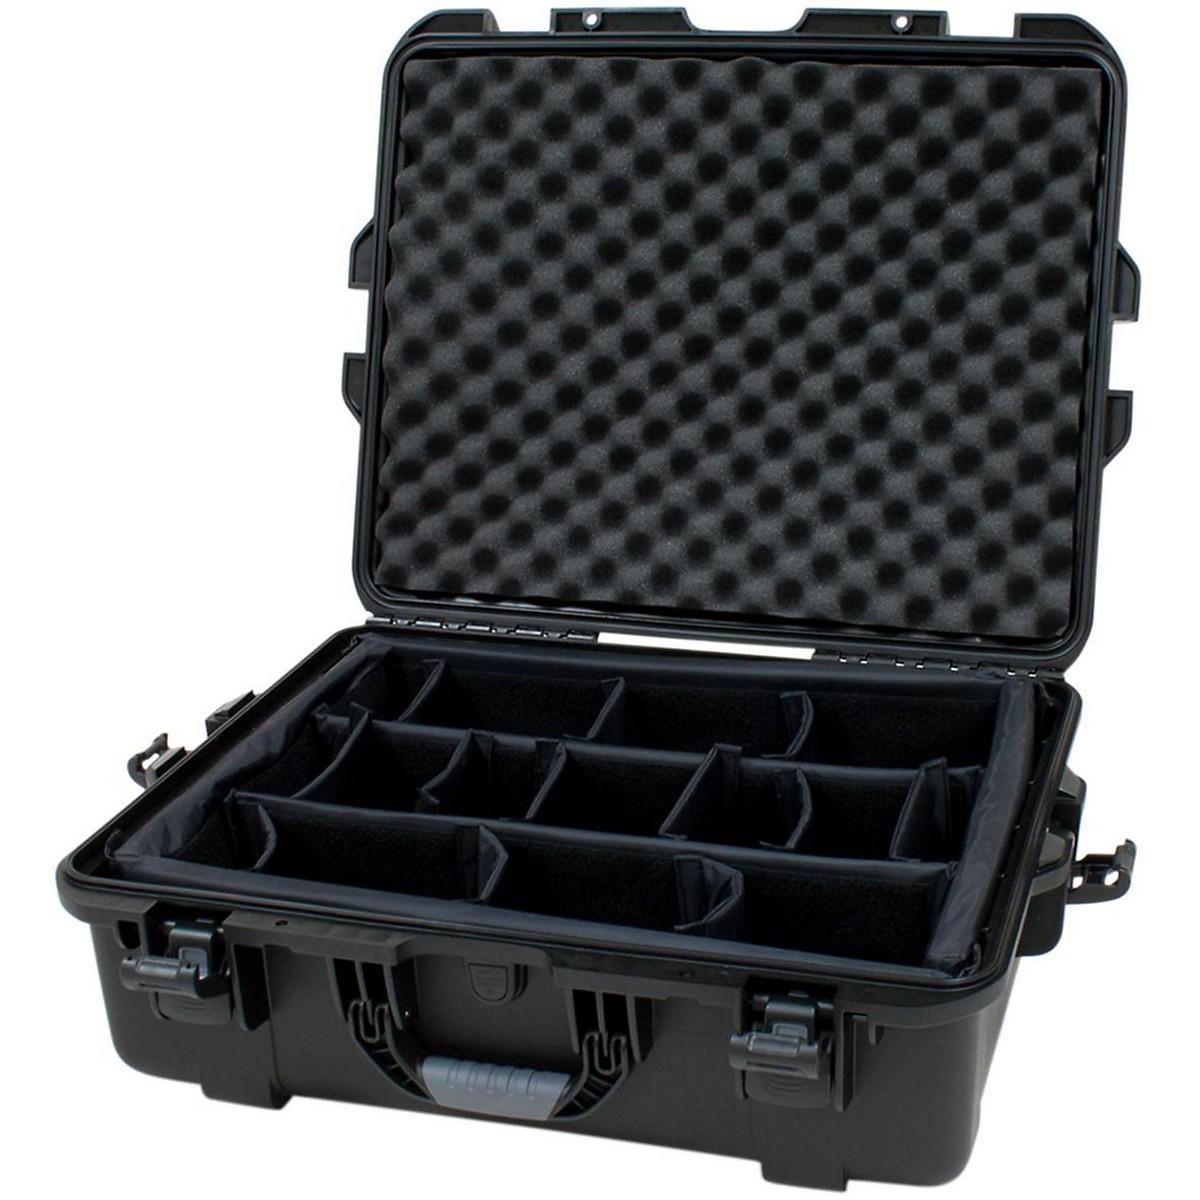 Gator GU-2014-08-WPDV Waterproof Injection Molded Case